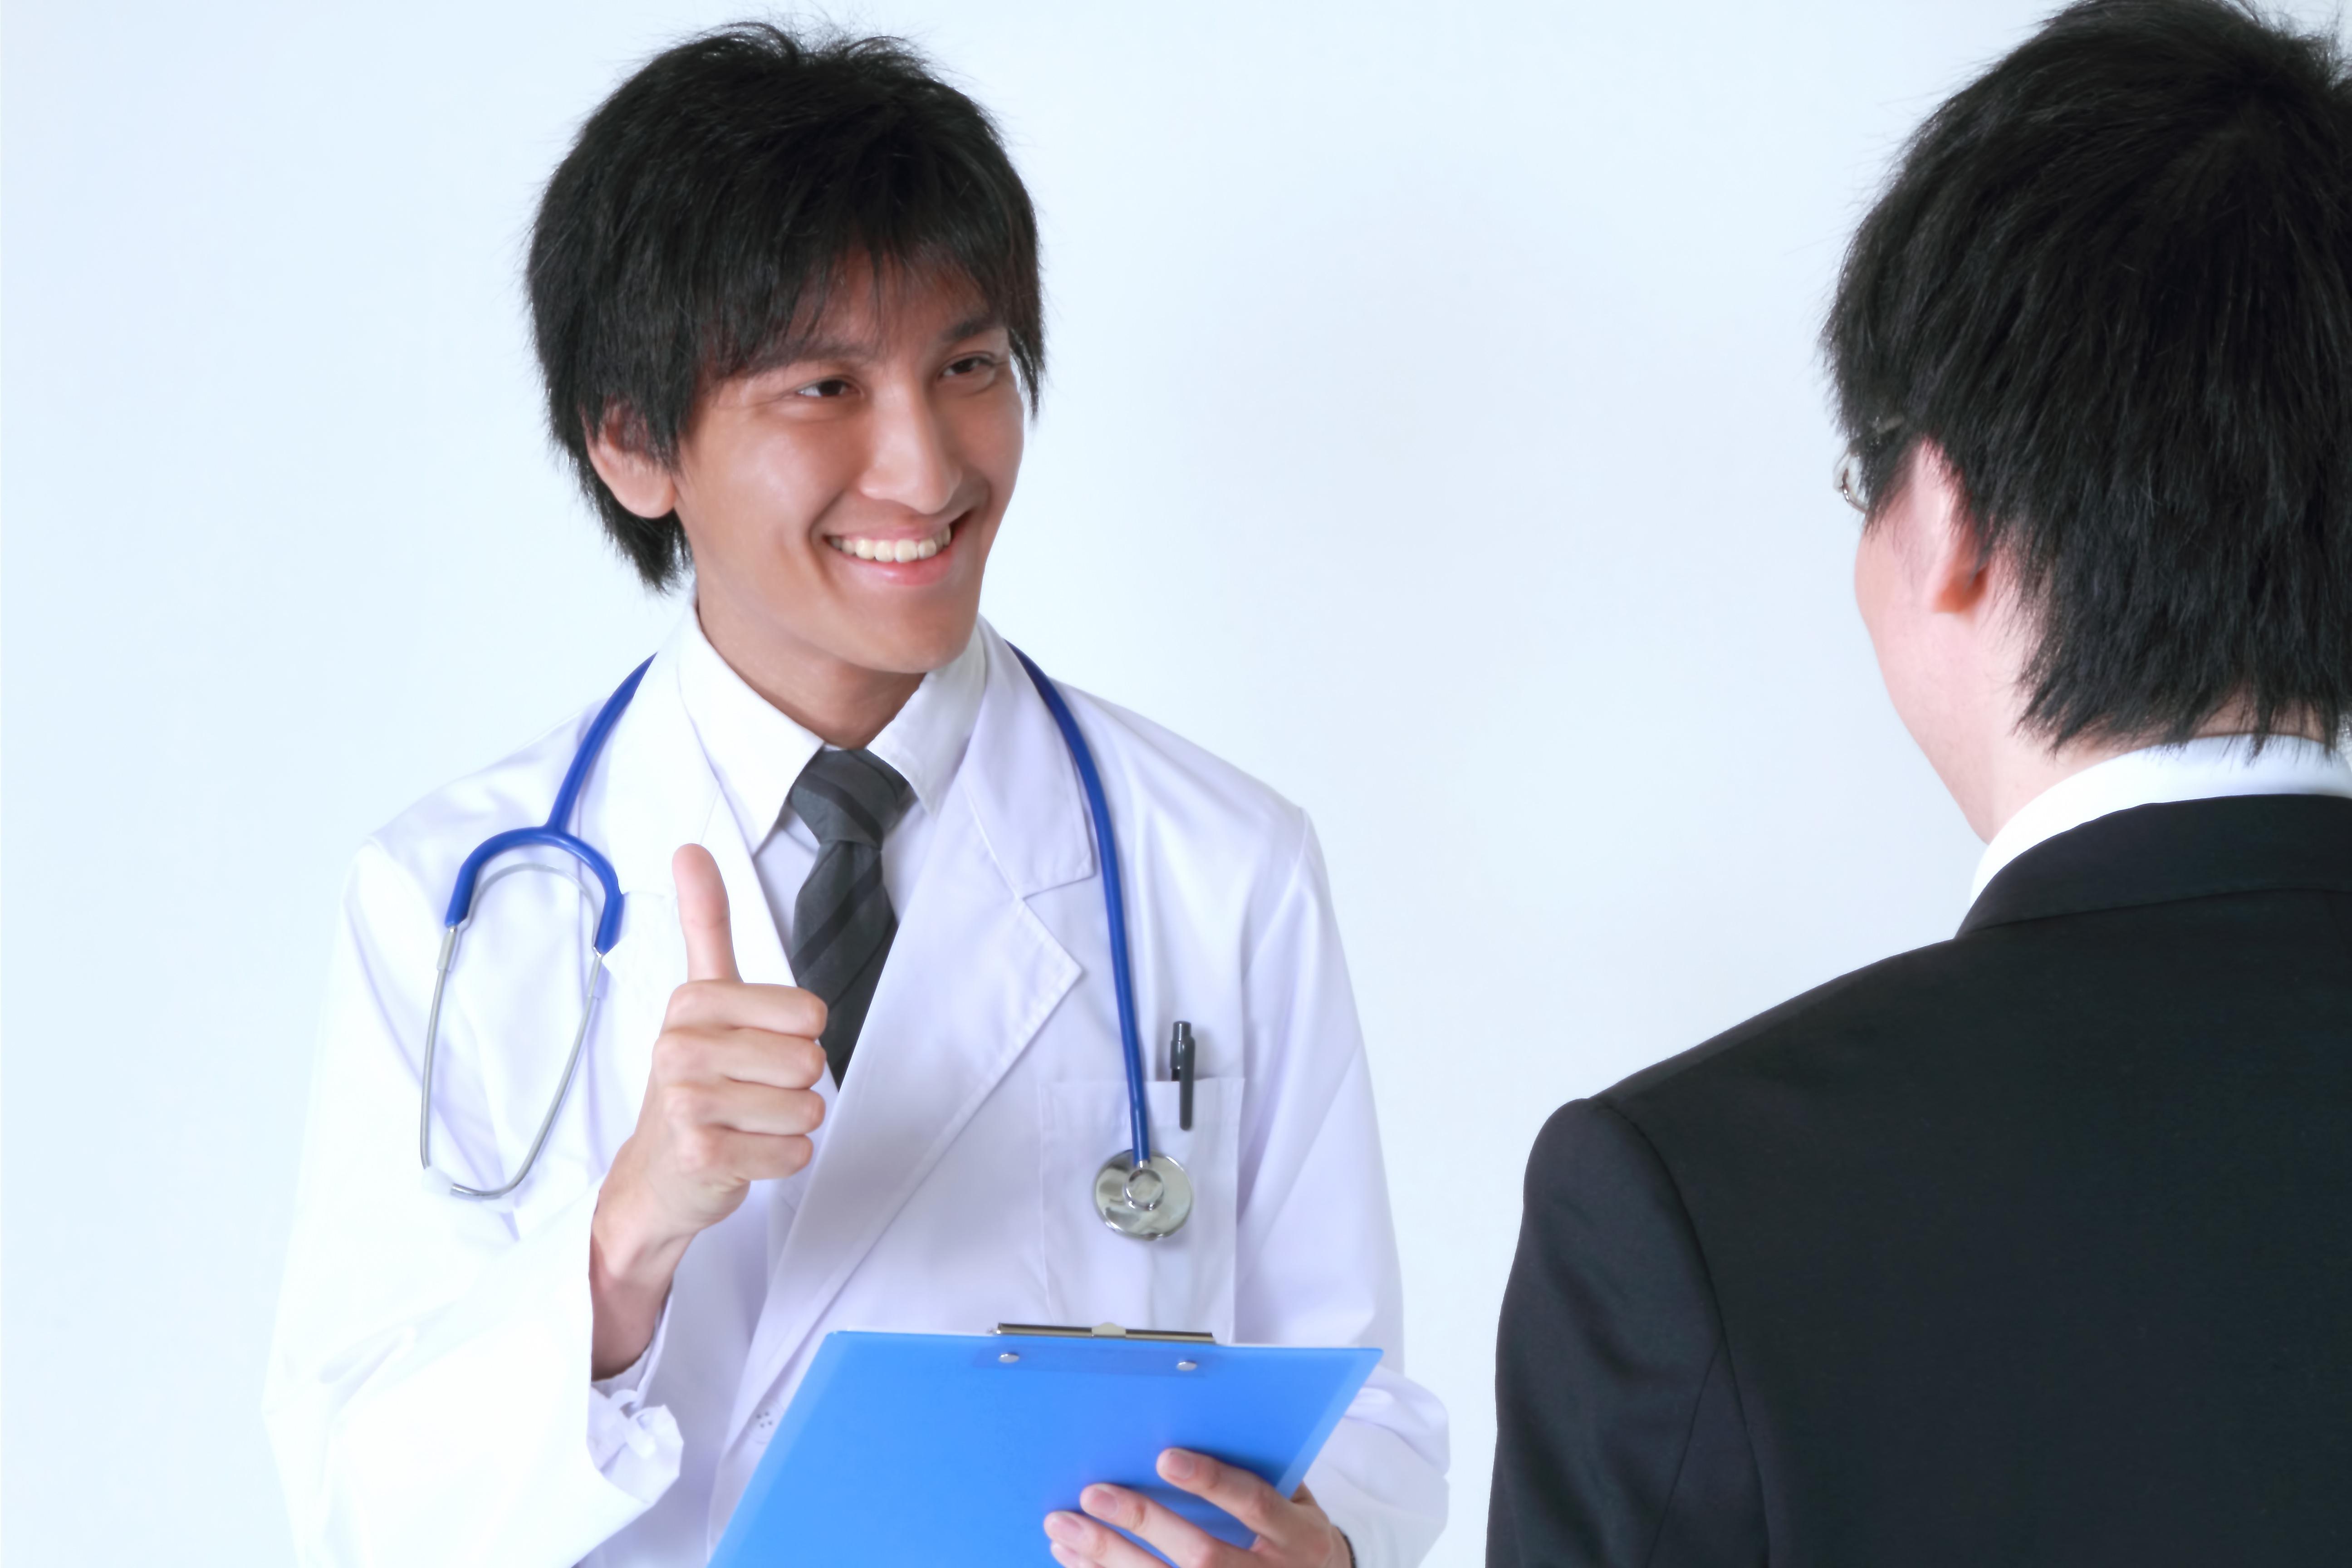 健康診断の結果っていつ出るの?